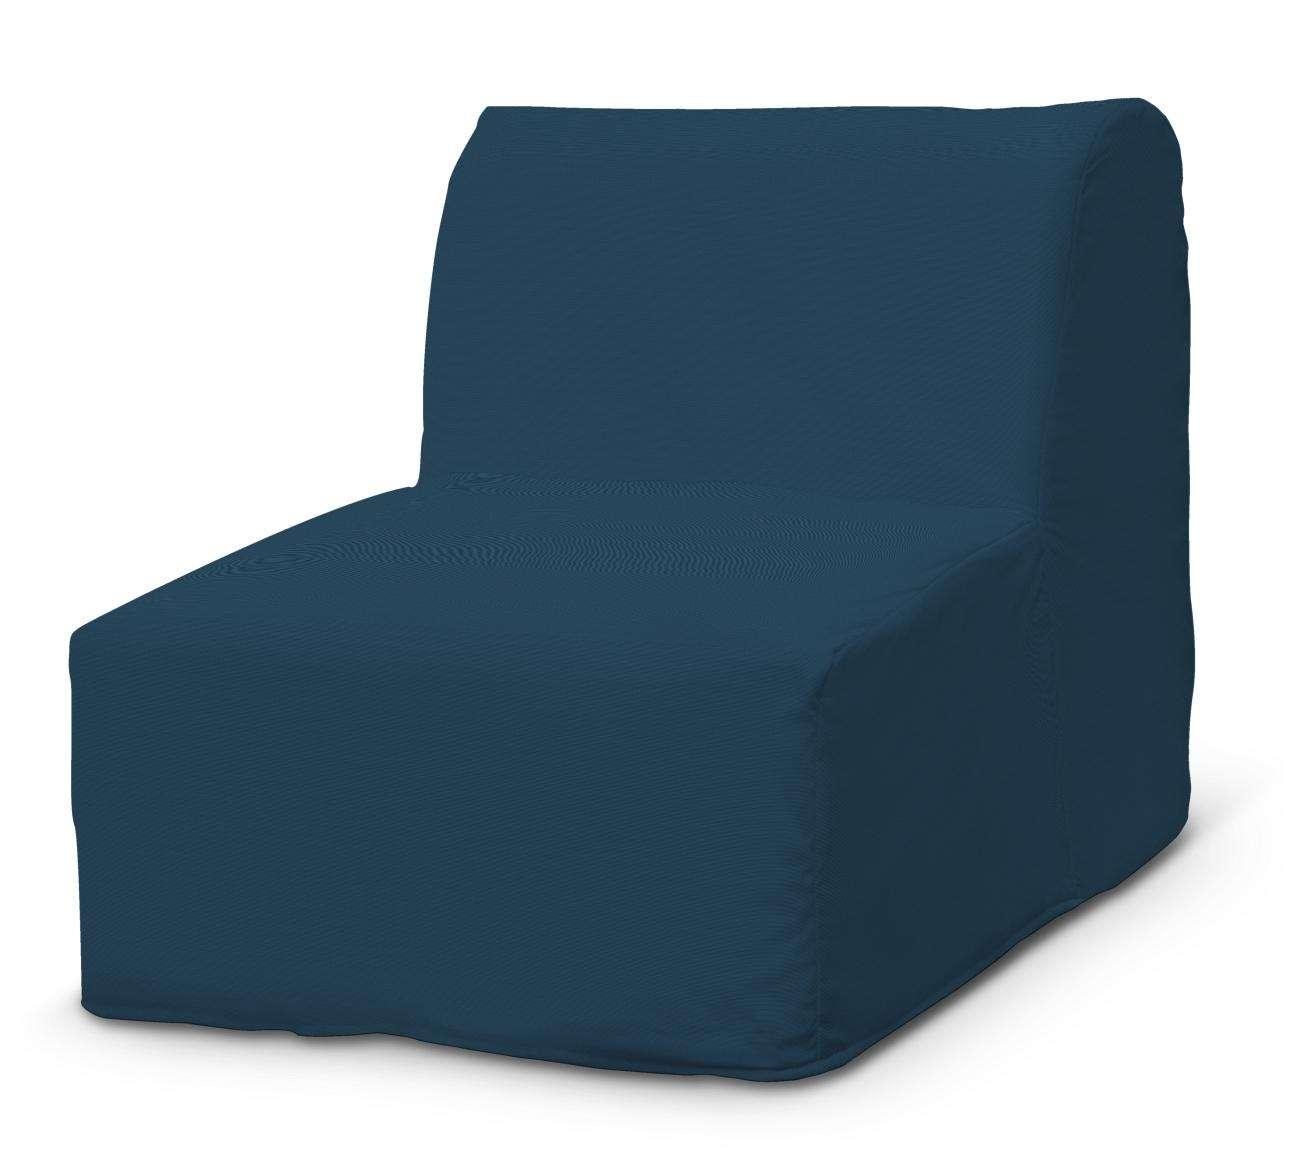 Pokrowiec na fotel Lycksele prosty w kolekcji Cotton Panama, tkanina: 702-30